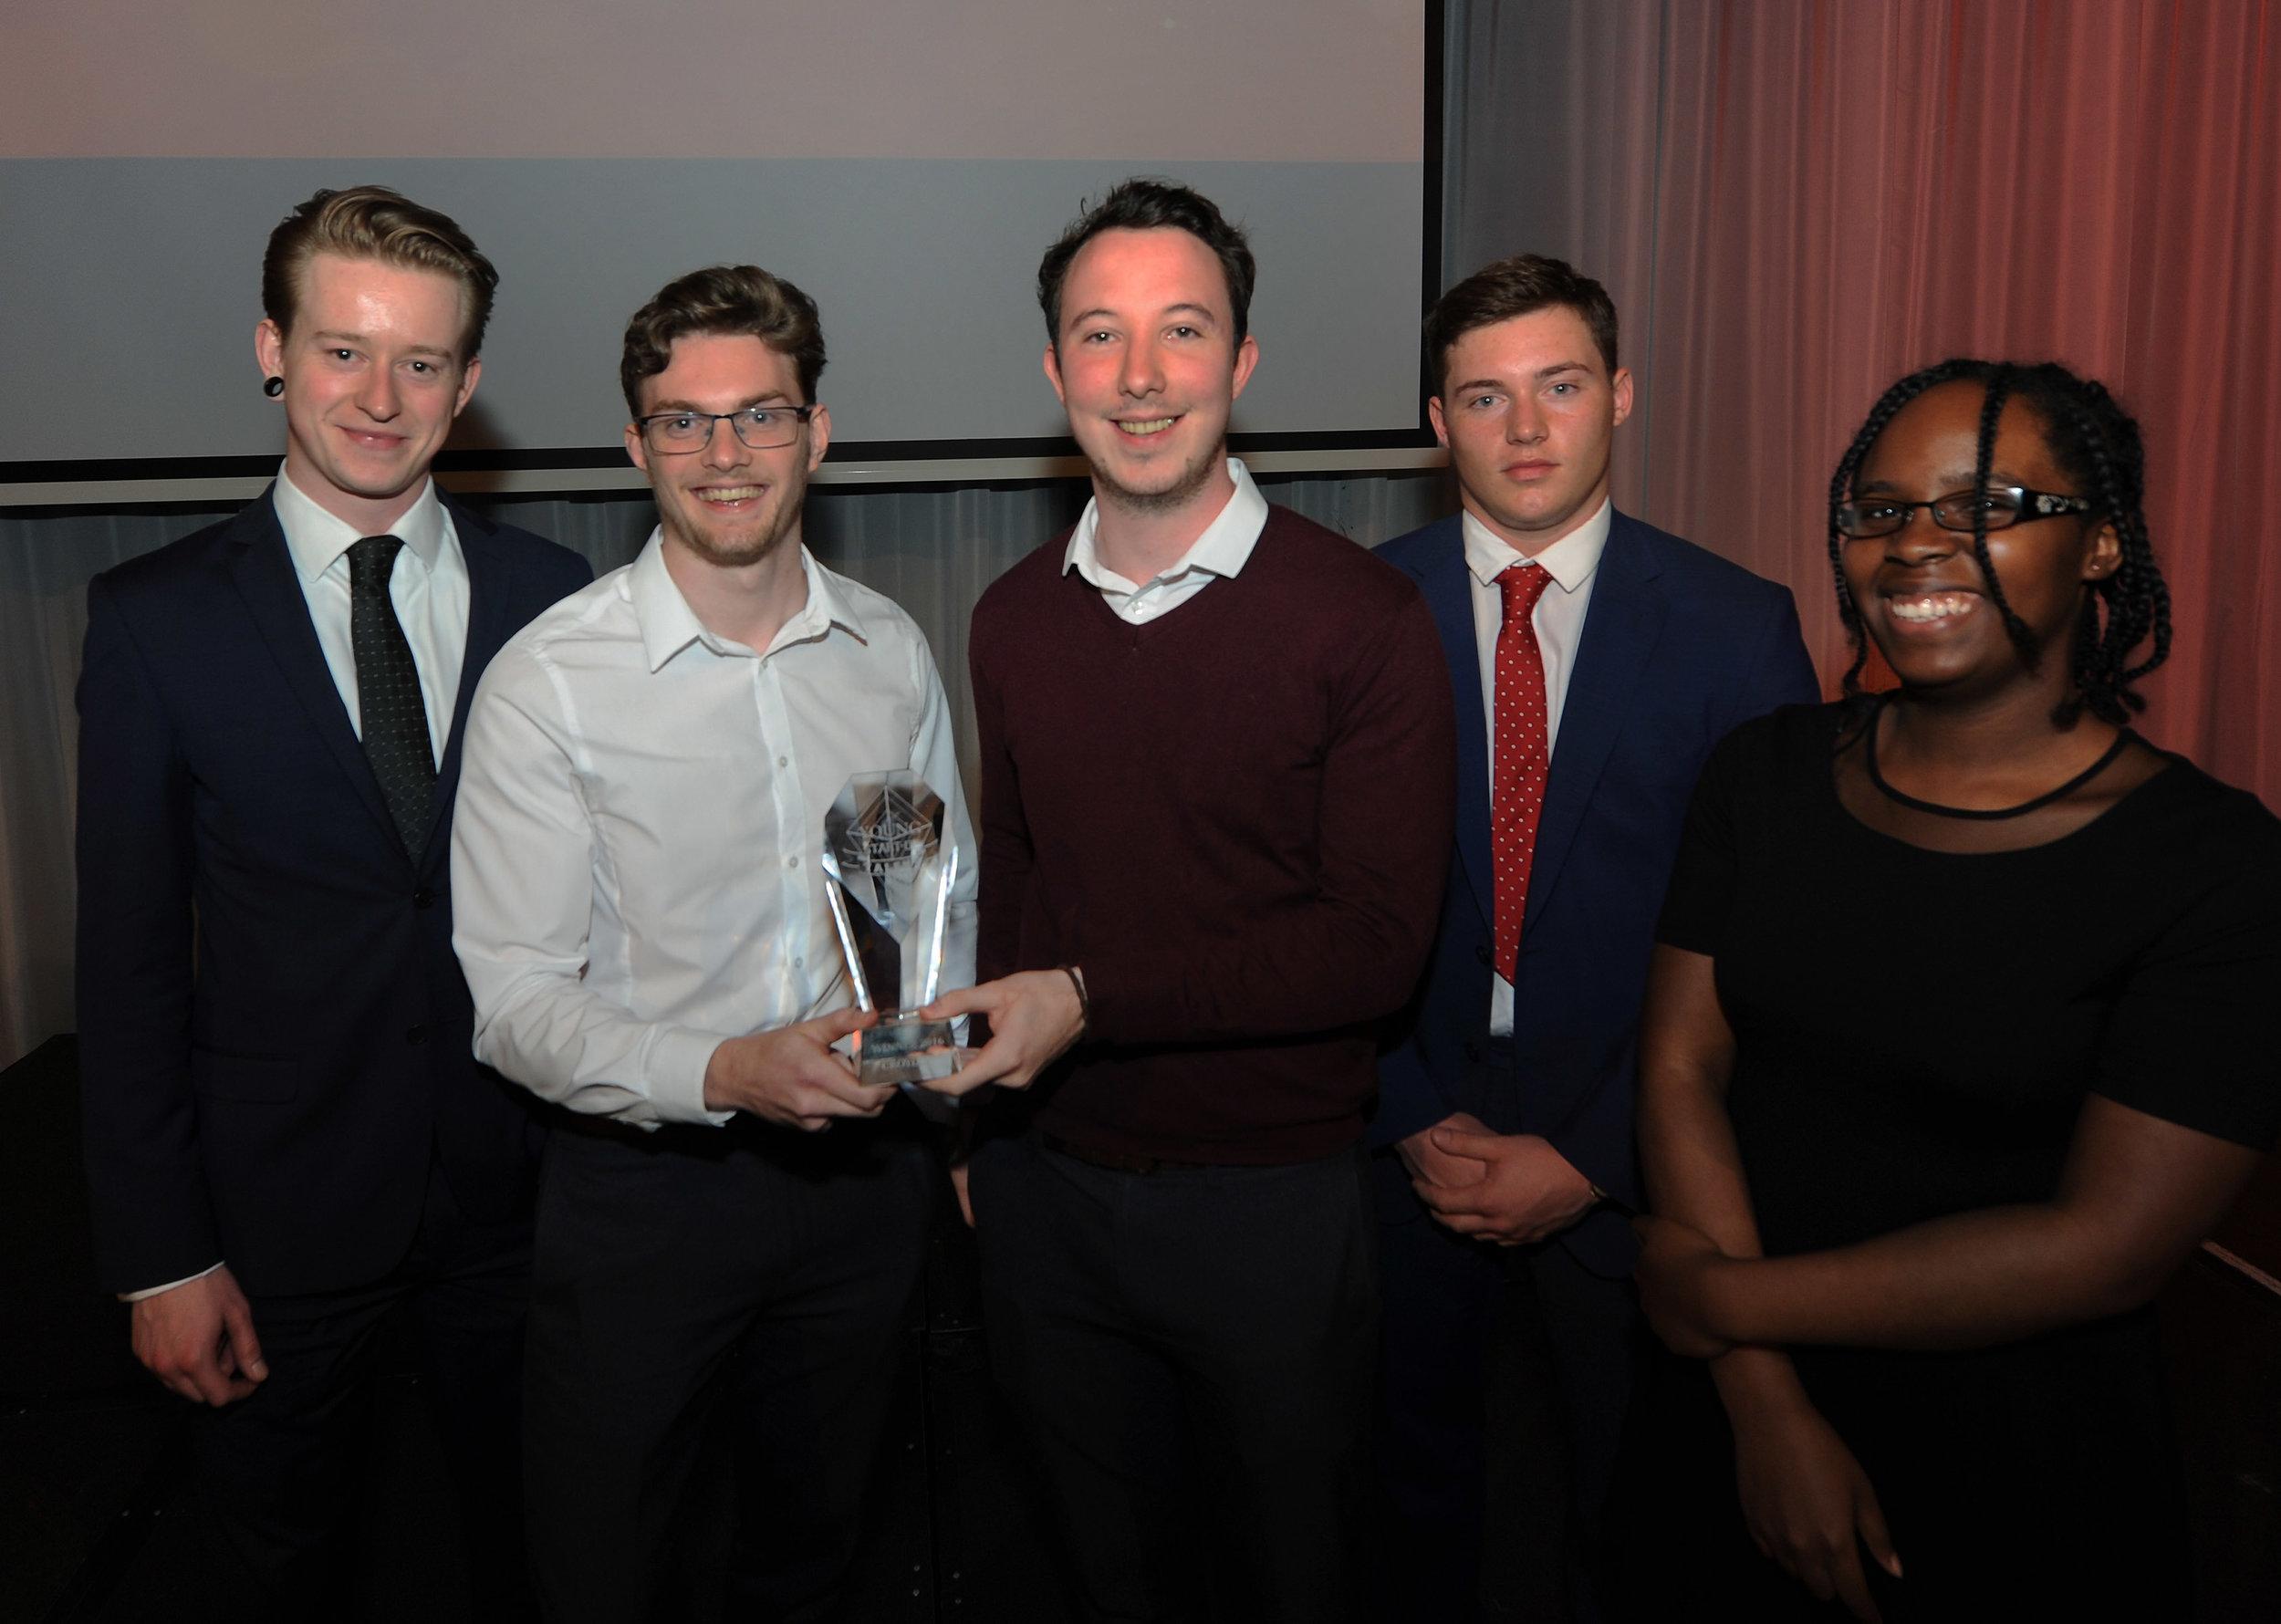 Young Start-up Talent Croydon 2016 finalists           (Left – Harry Flaherty, Laurence Grant, Robert O'Sullivan, Kuris Peck, Serena Evans)